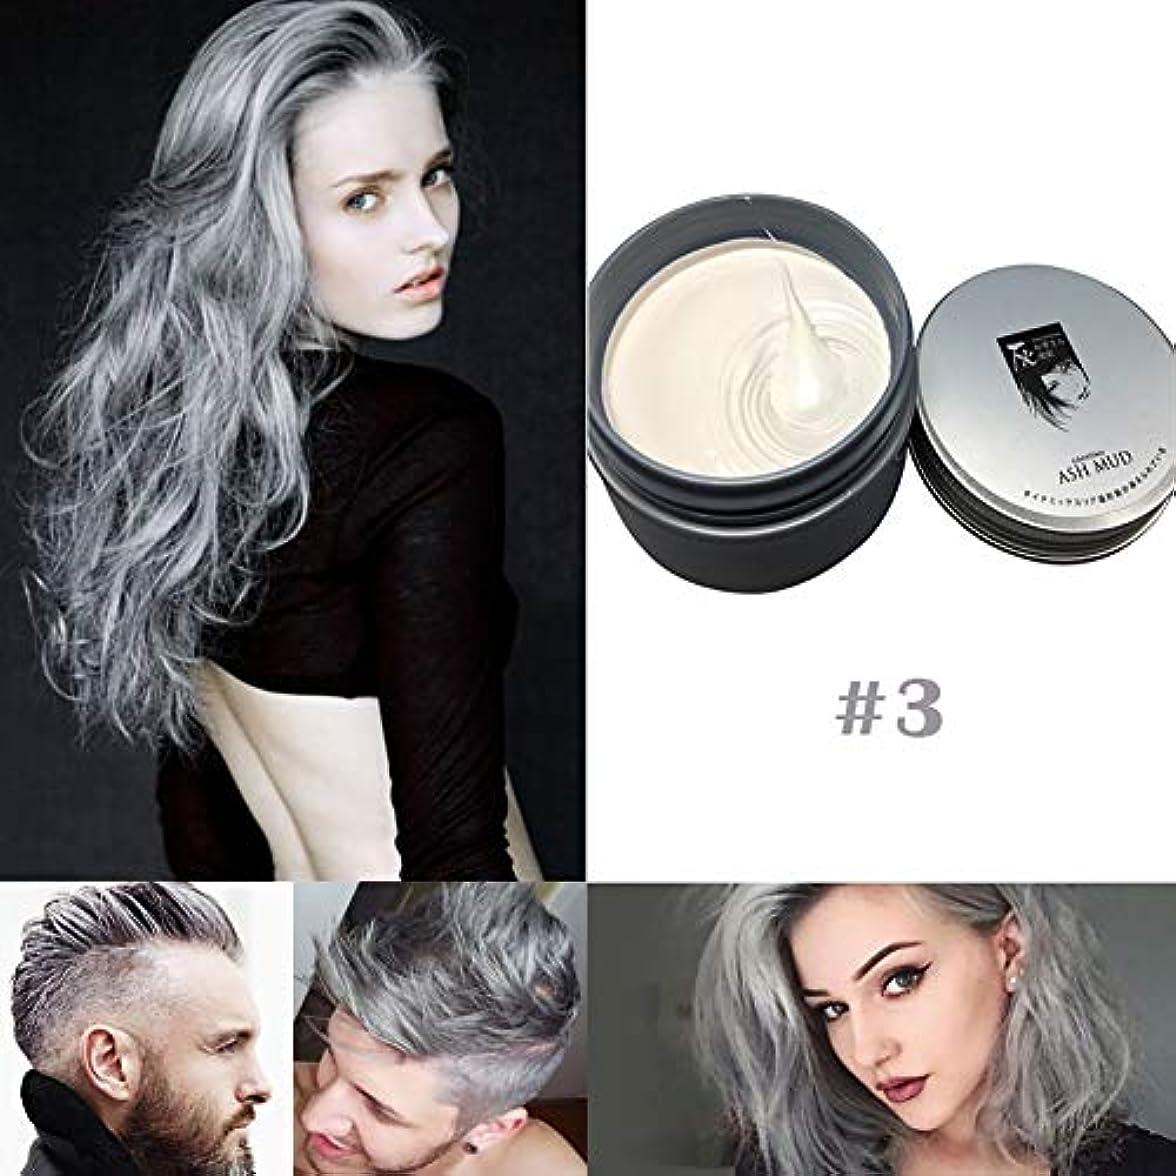 代表団スリチンモイピンクDkhsy グラニーヘアグレーワックス一時的なヘアダイクリームカラー泥モデリングファッションスタイル髪7色